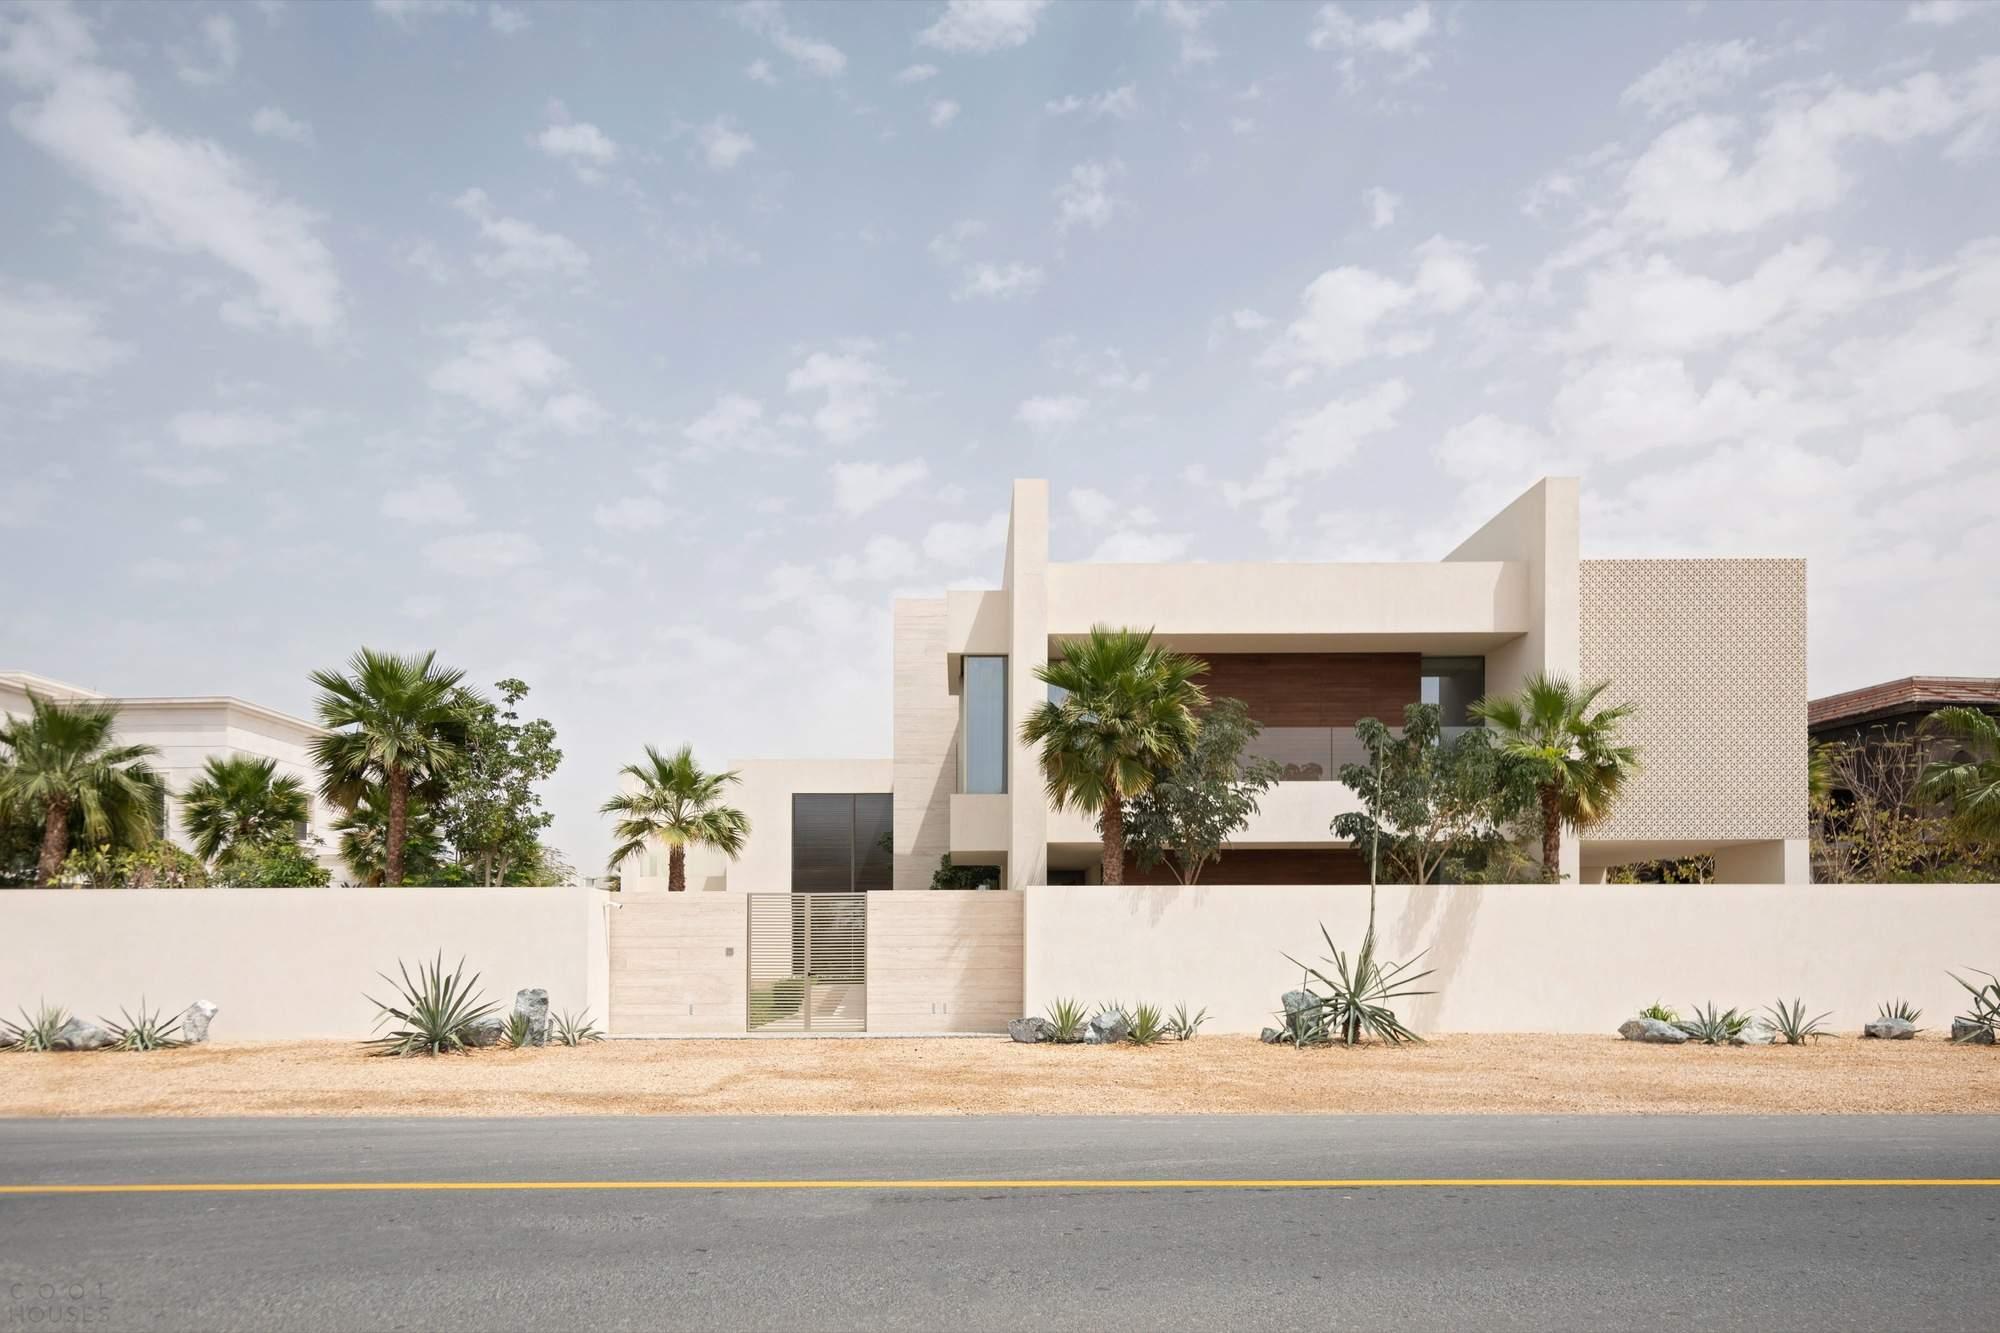 Семейная вилла-оазис «Лима», Объединенные Арабские Эмираты